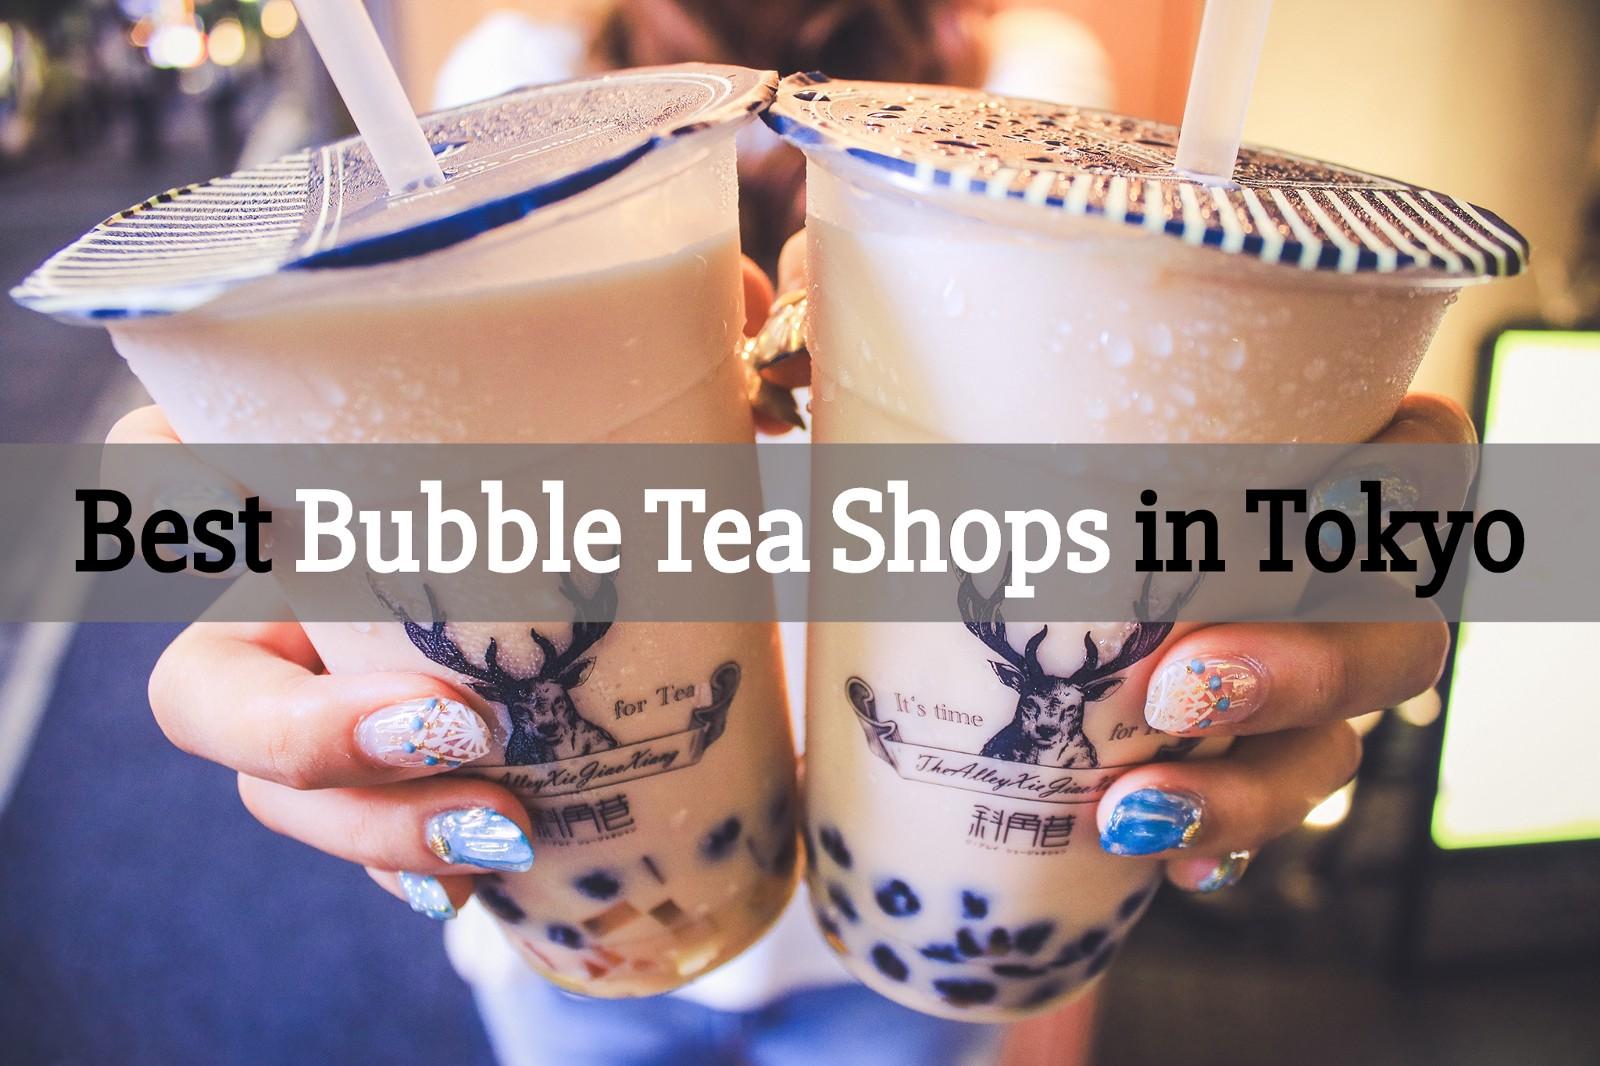 5 Best Bubble Tea Shops in Tokyo 2019